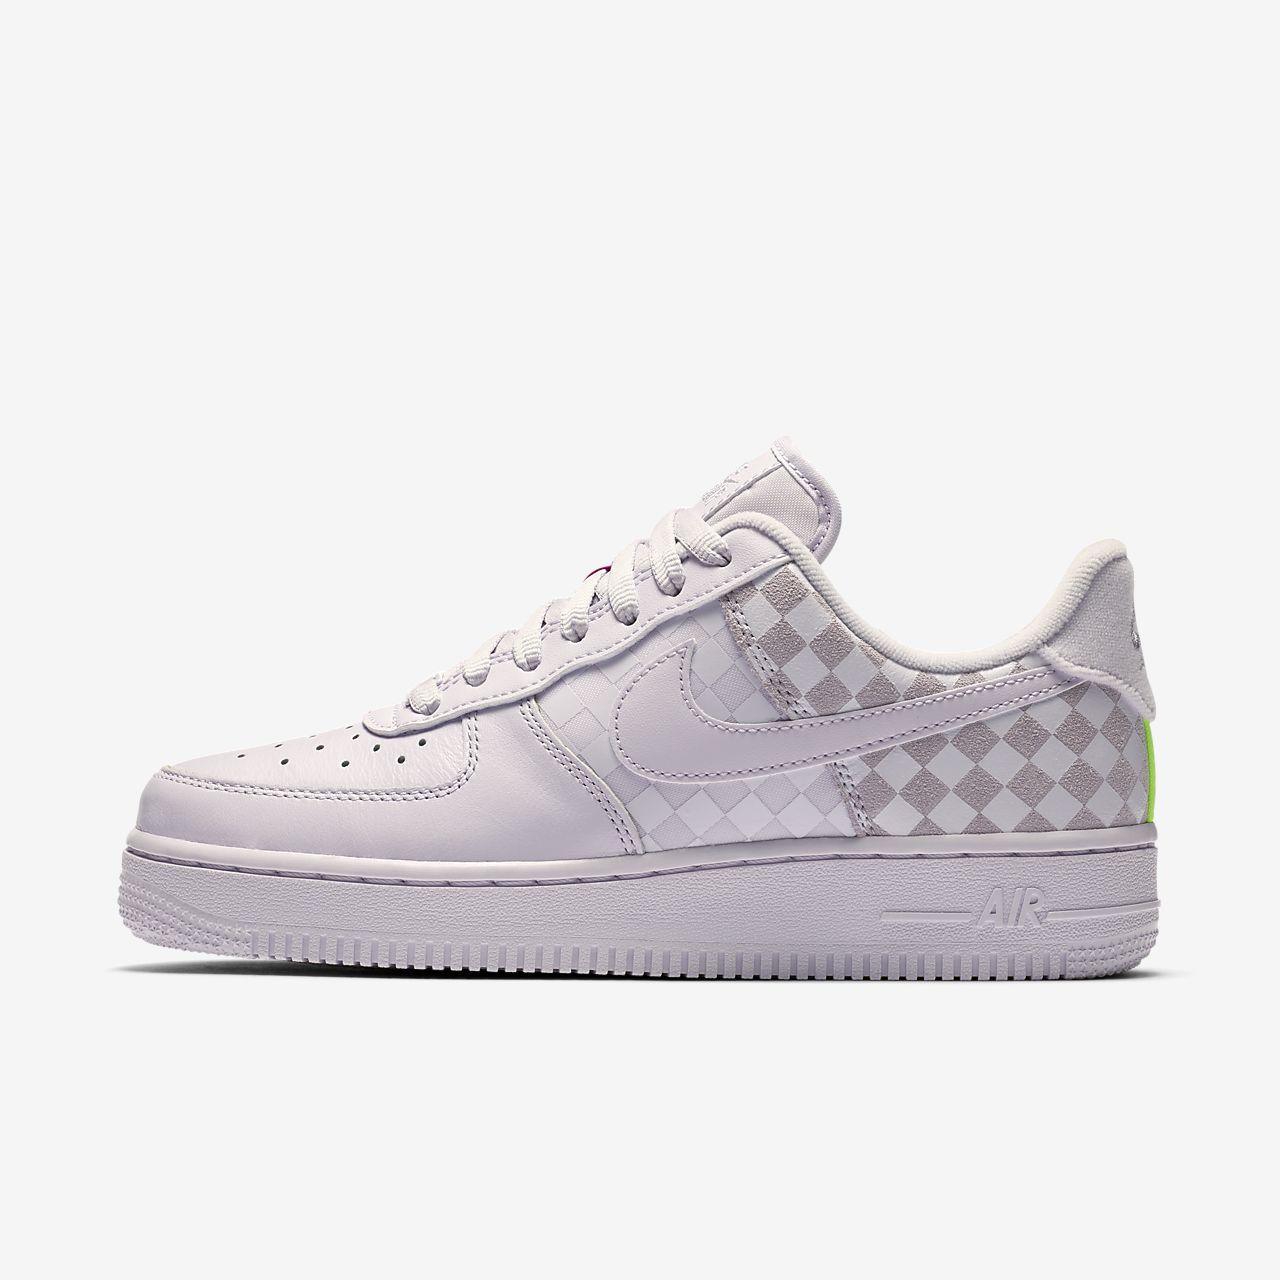 en soldes 71ef0 1e5d8 Chaussure à damiers Nike Air Force 1 Low pour Femme